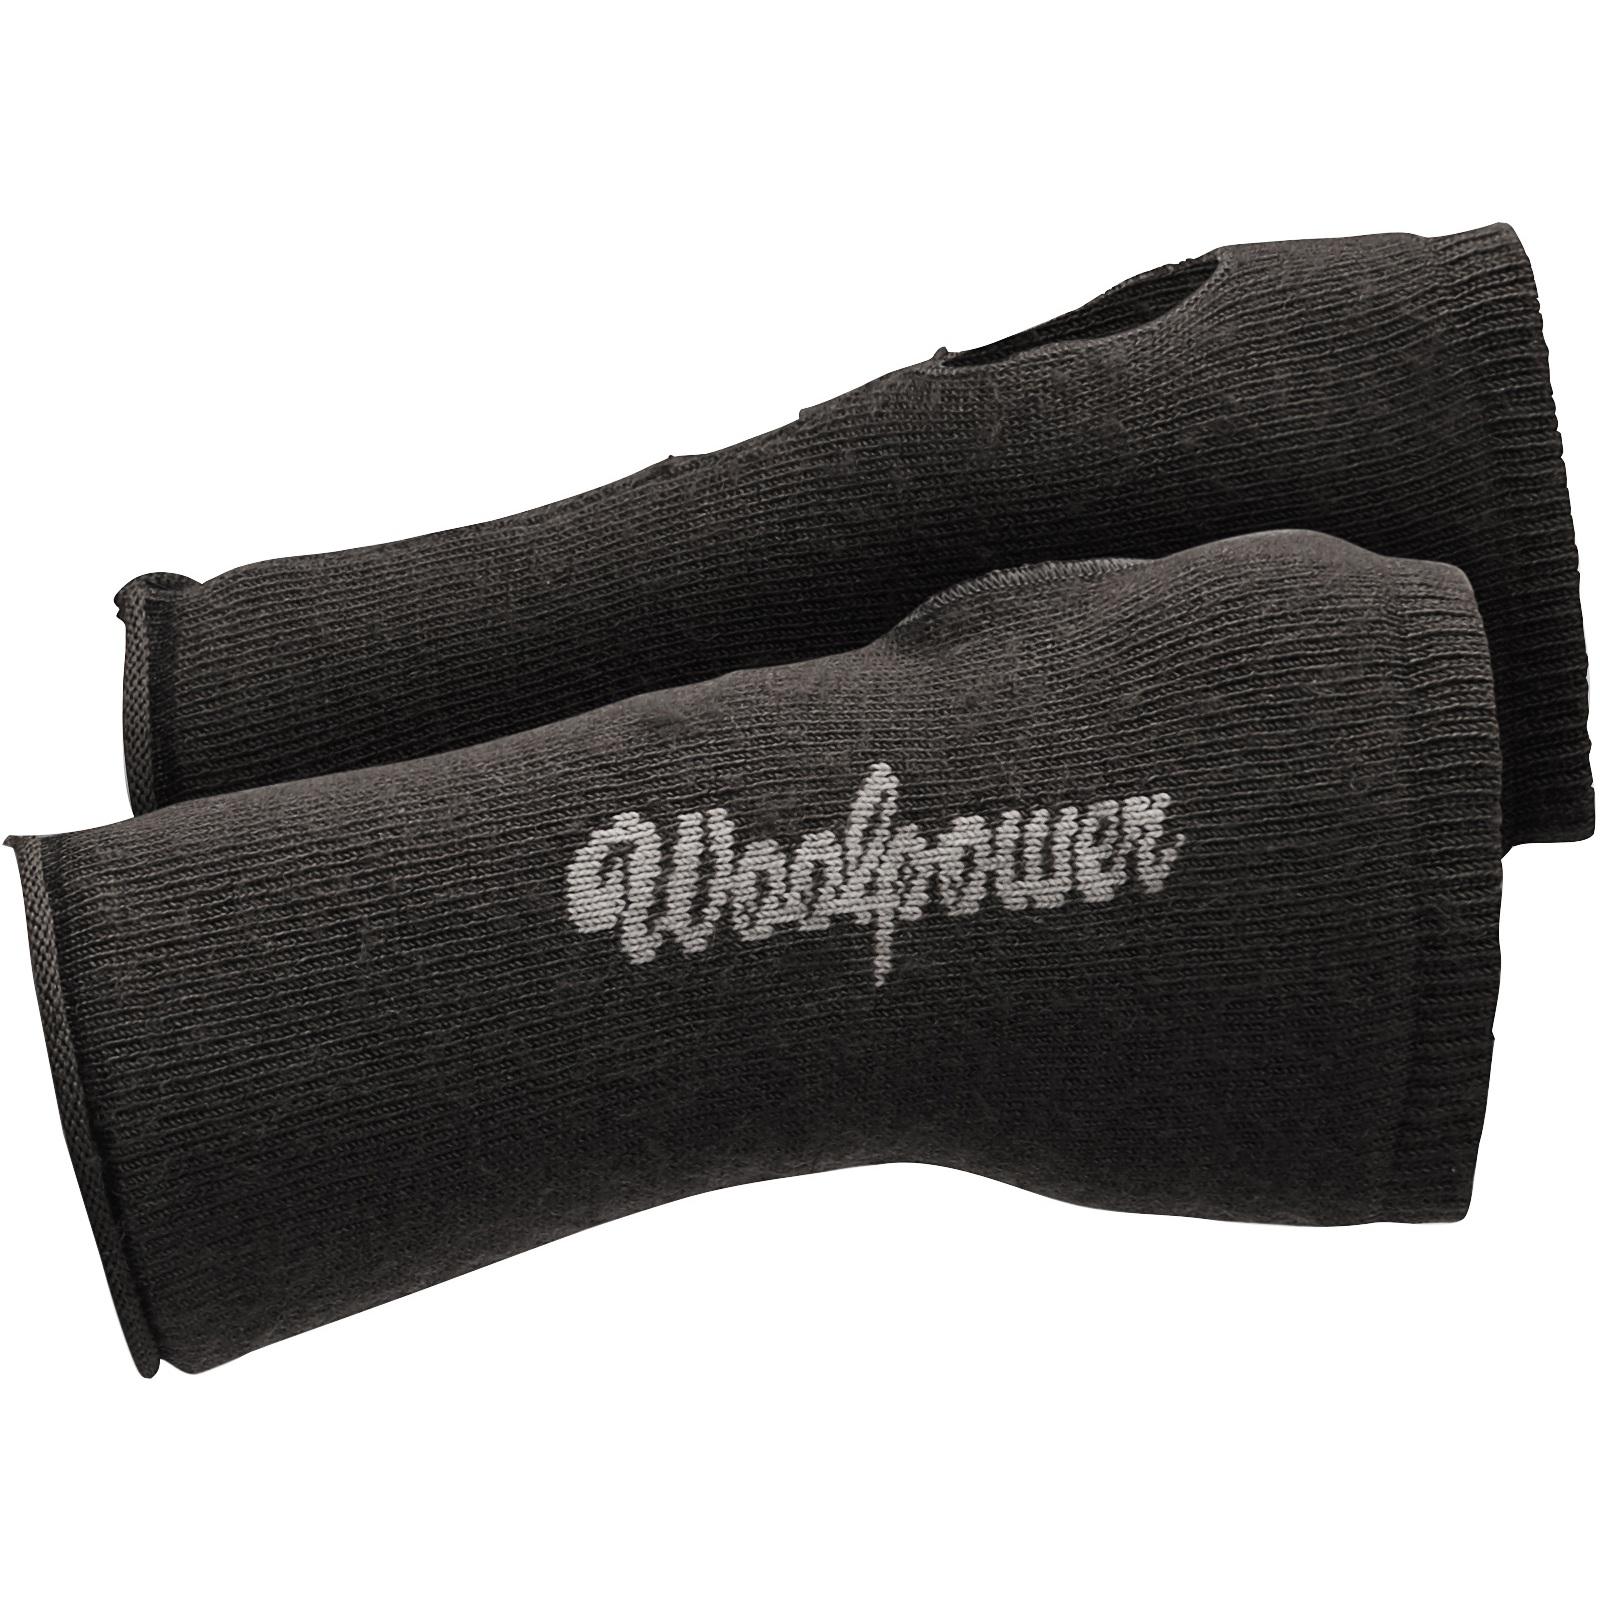 Woolpower Wrist Gaiter 200 - pine green